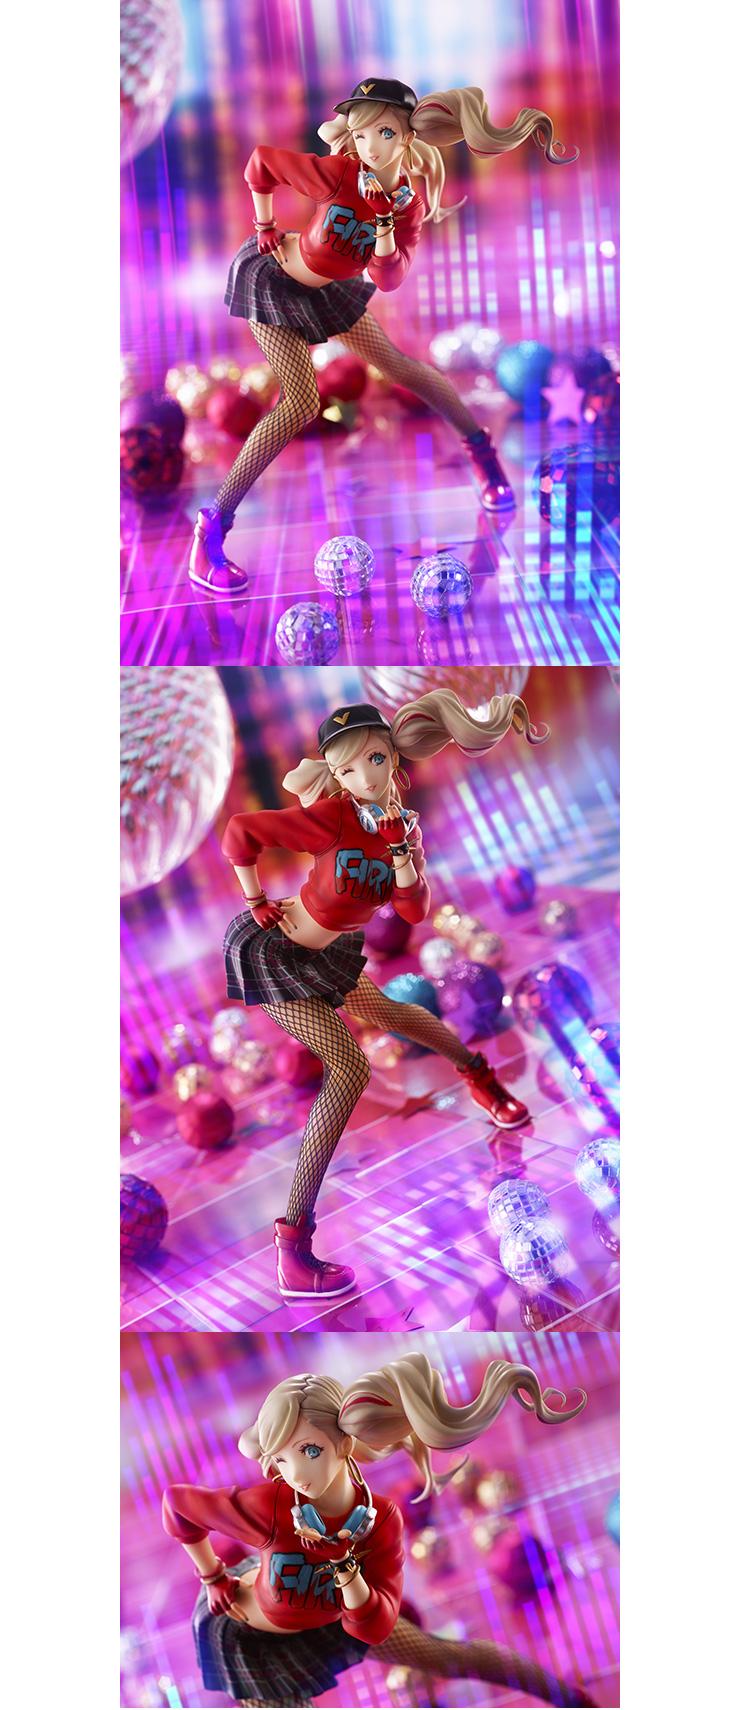 《女神异闻录5:星夜热舞》高卷杏俏皮性感造型官方手办 网袜性感热舞 – f1娱乐官网